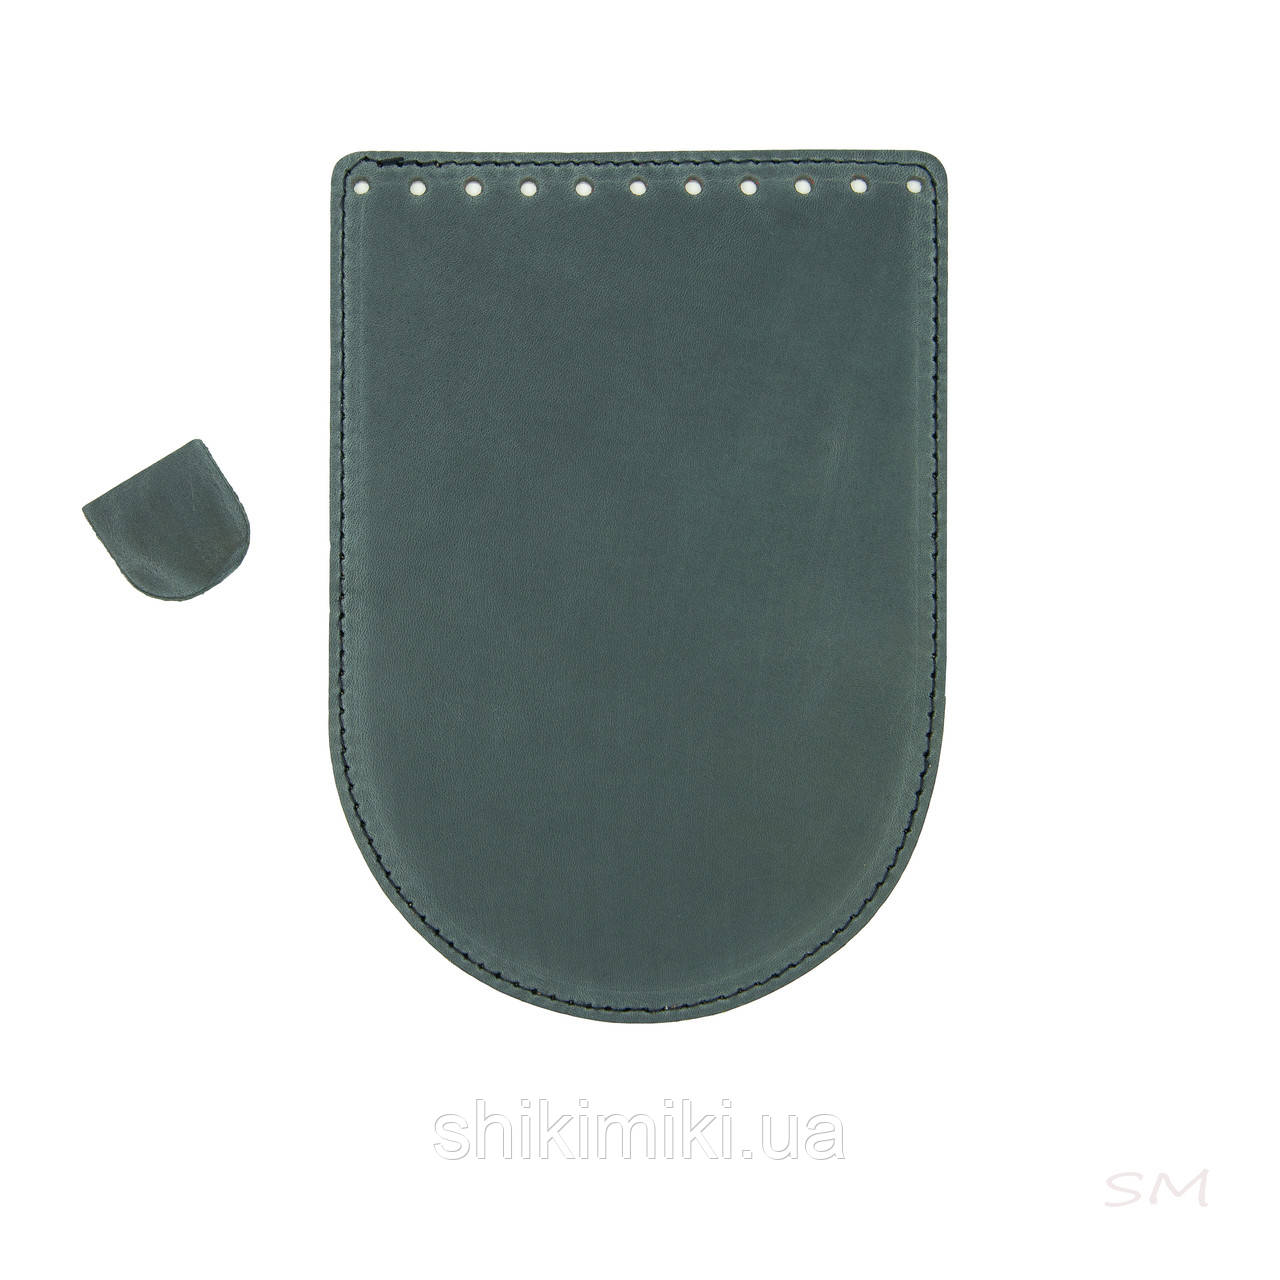 Клапан для круглої сумки з натуральної шкіри (20*14), джинсовий колір матовий